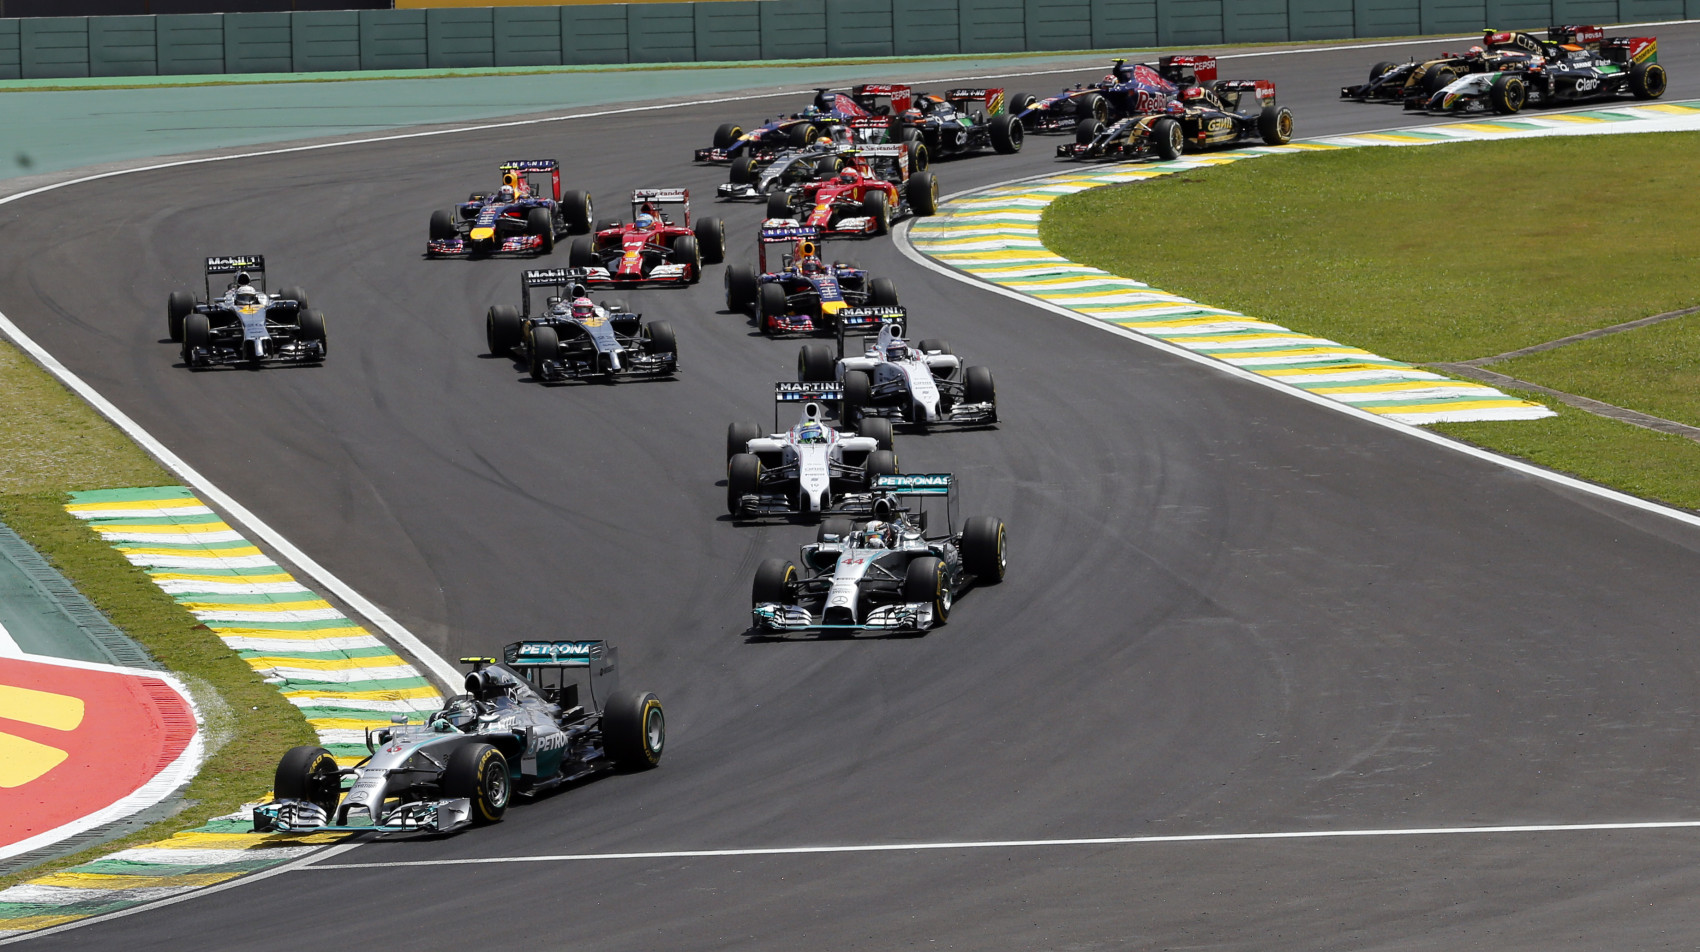 Prišlo Rosbergovo víťazstvo neskoro?